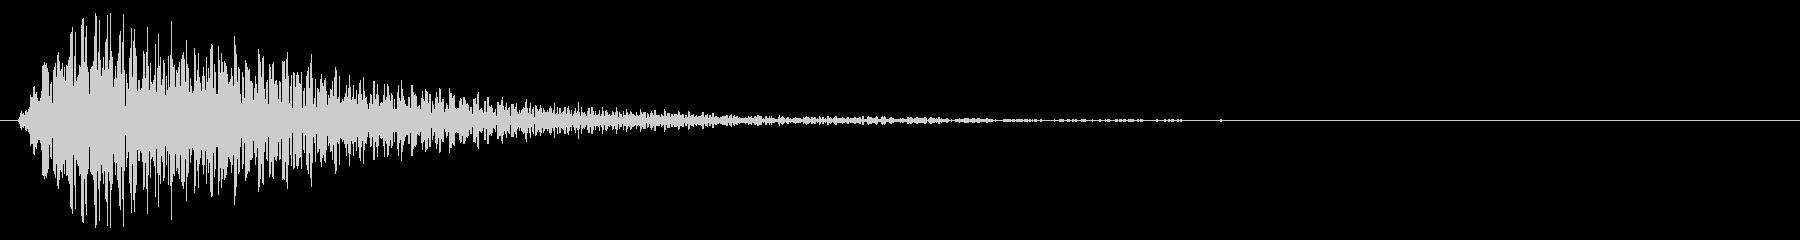 選択/マレット系/優しいの未再生の波形